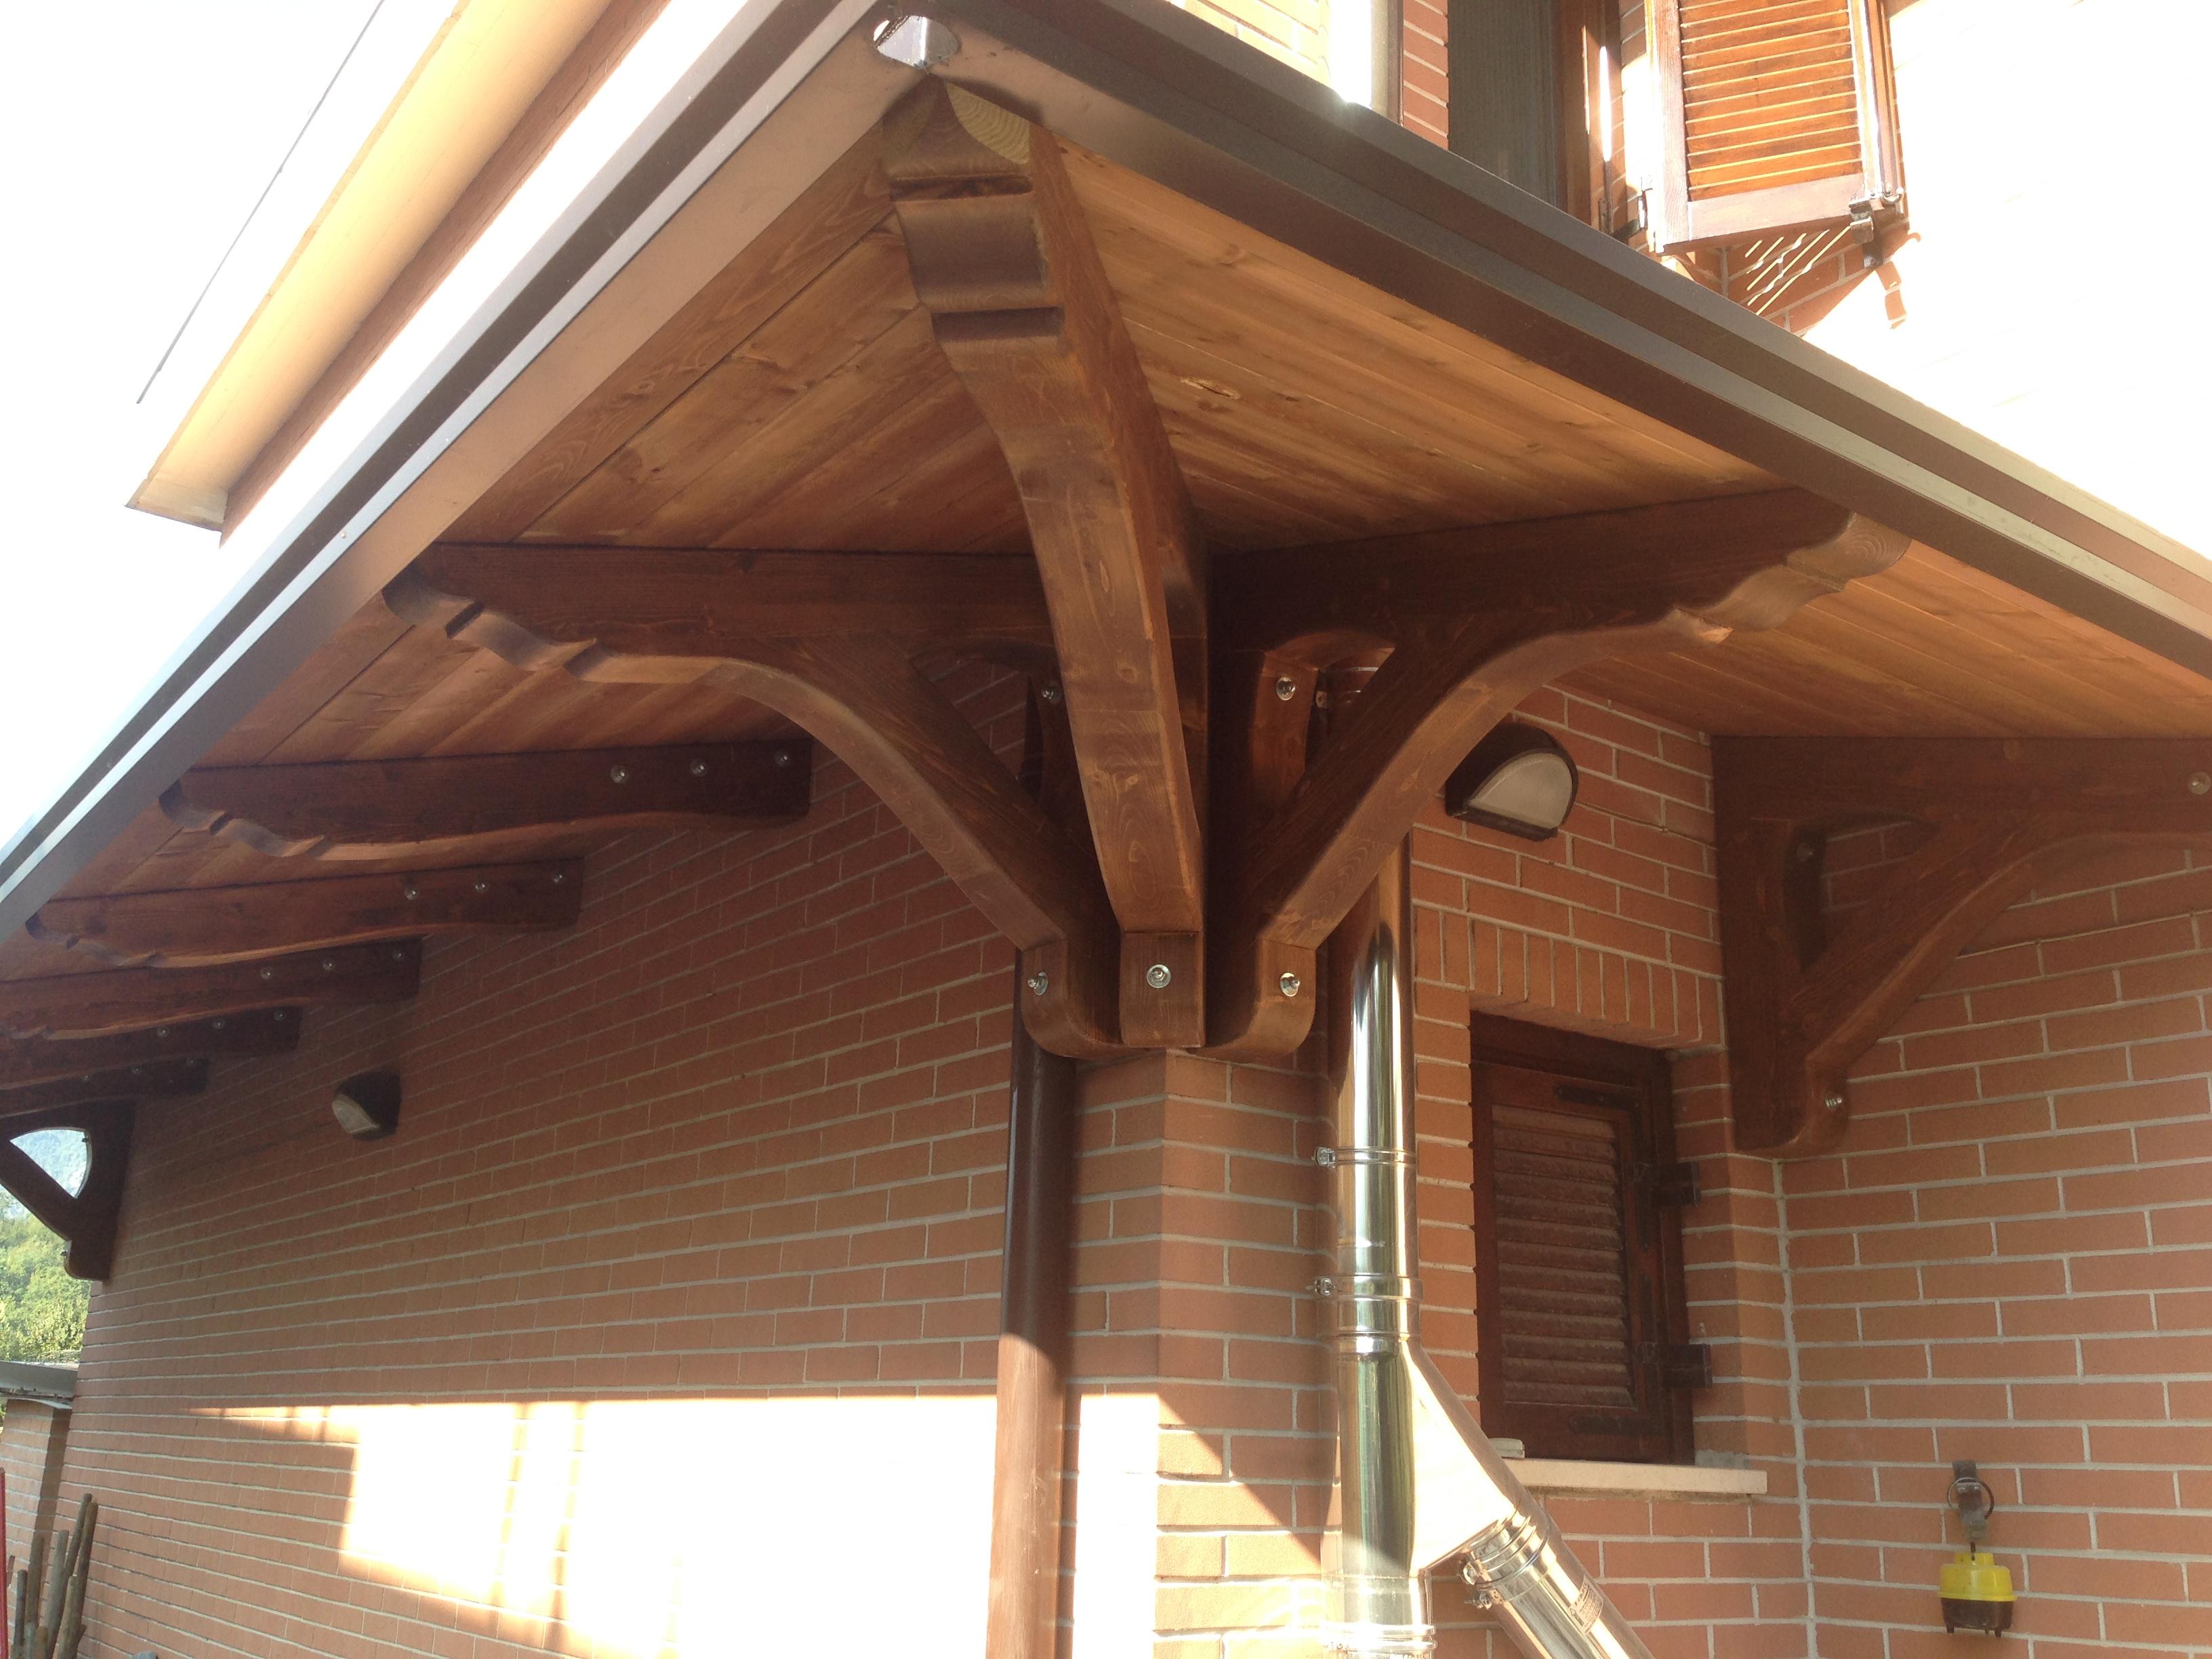 Tettoia in legno 23 dettaglio pino costruzioni group srls - Tettoie in legno ...